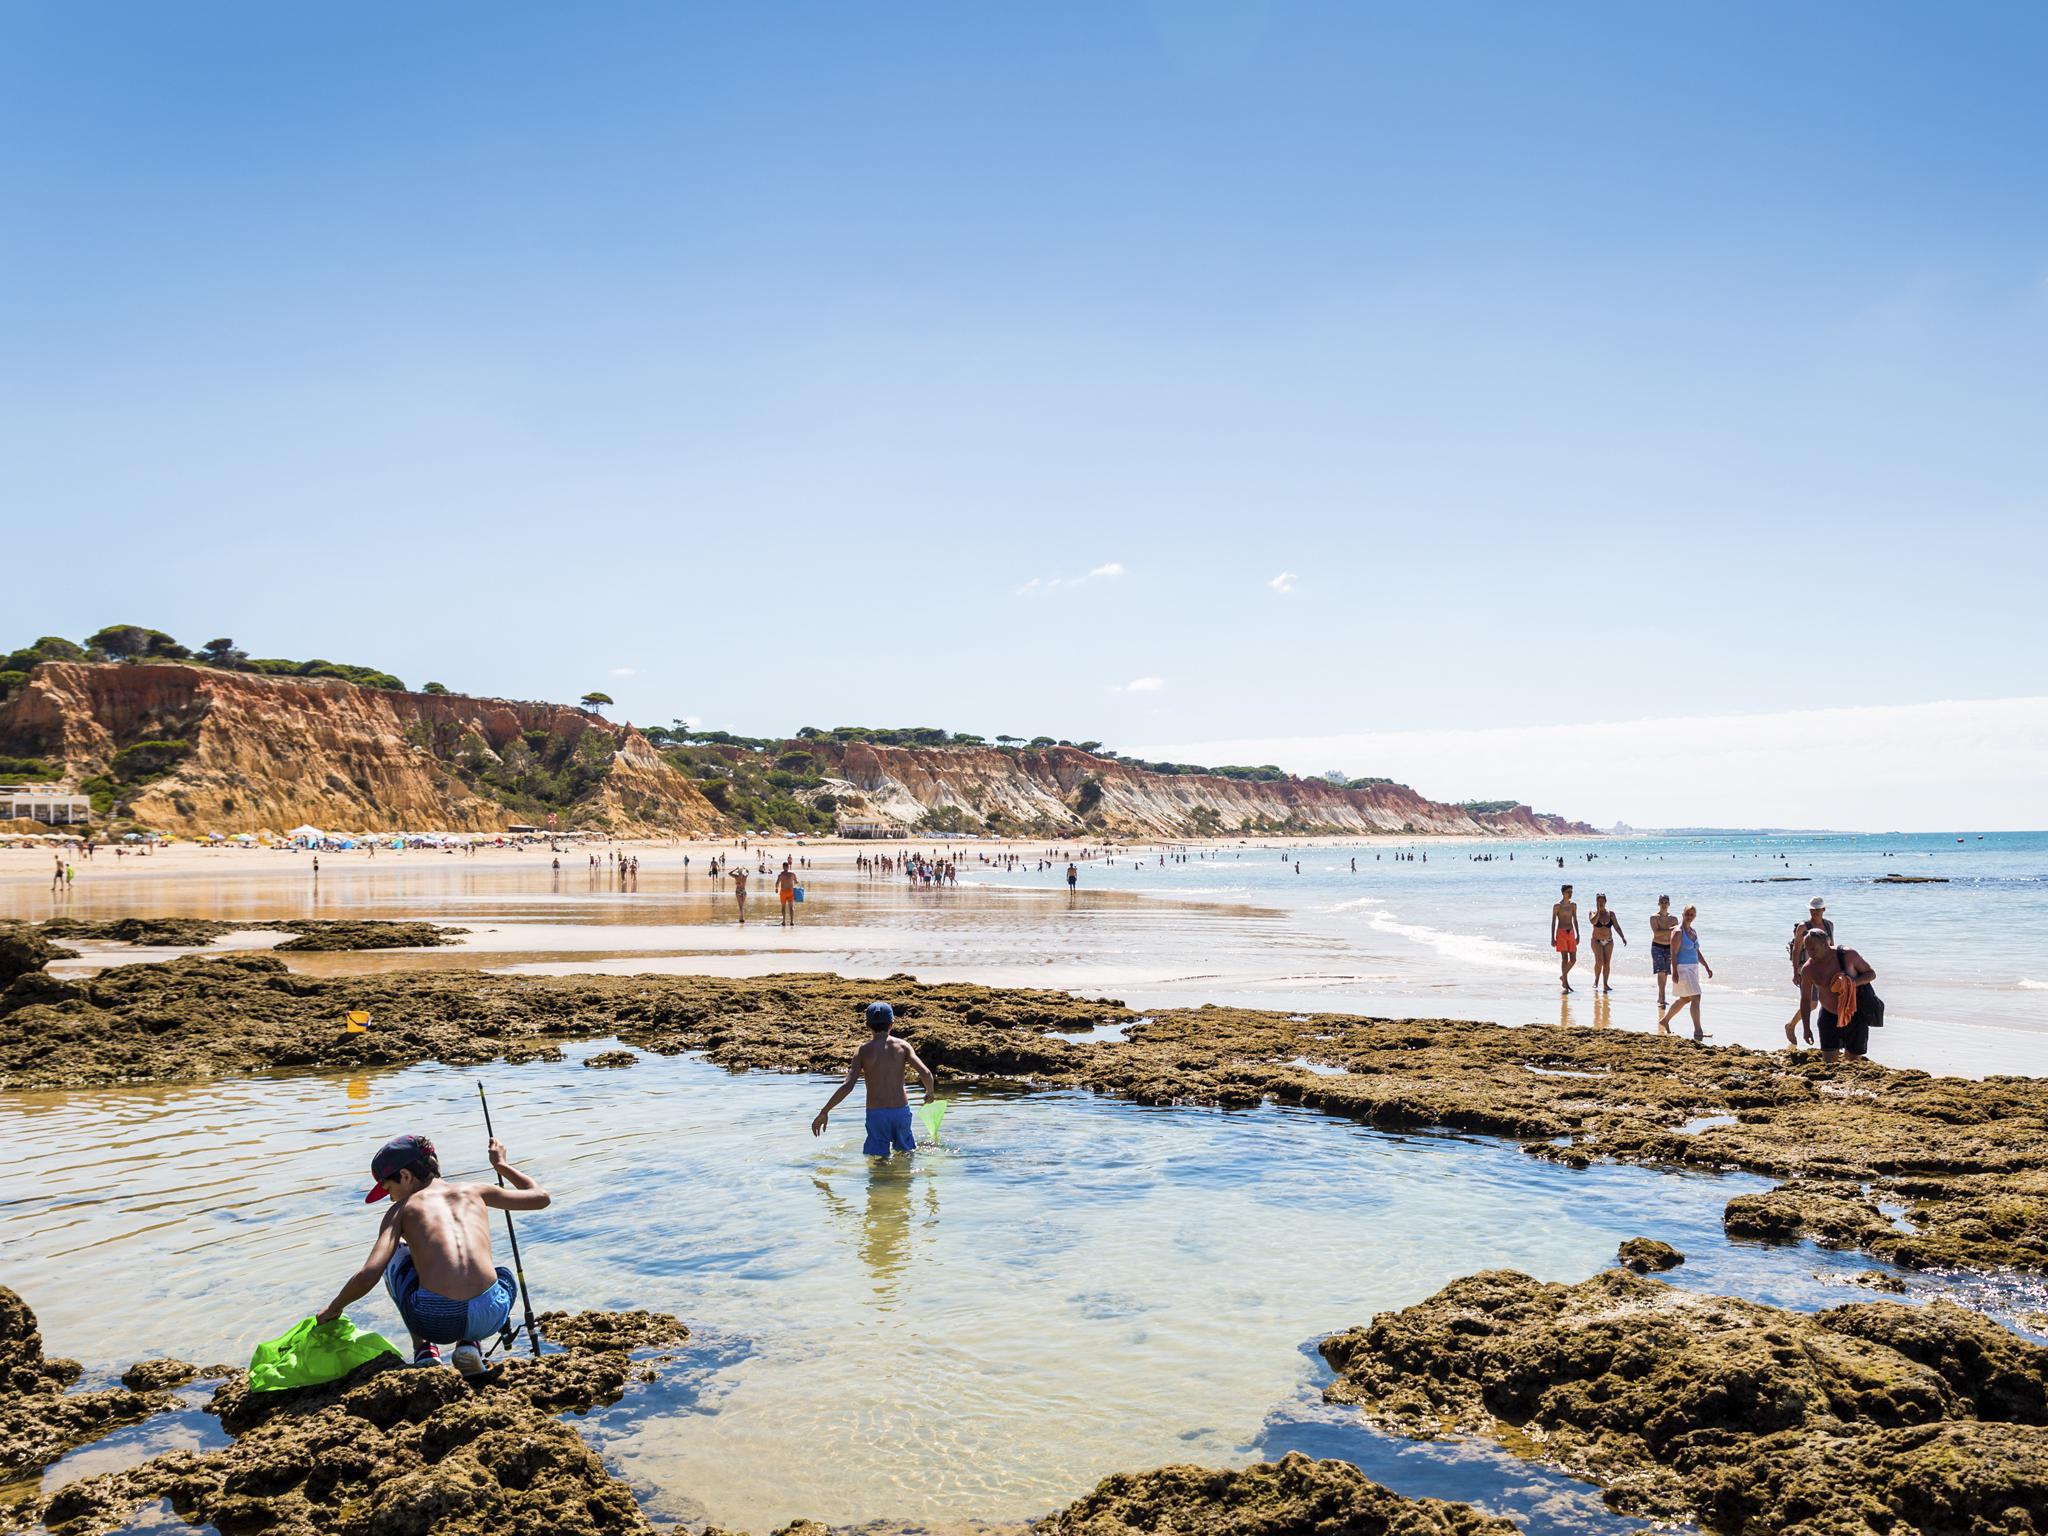 praia do Barranco do belharuco